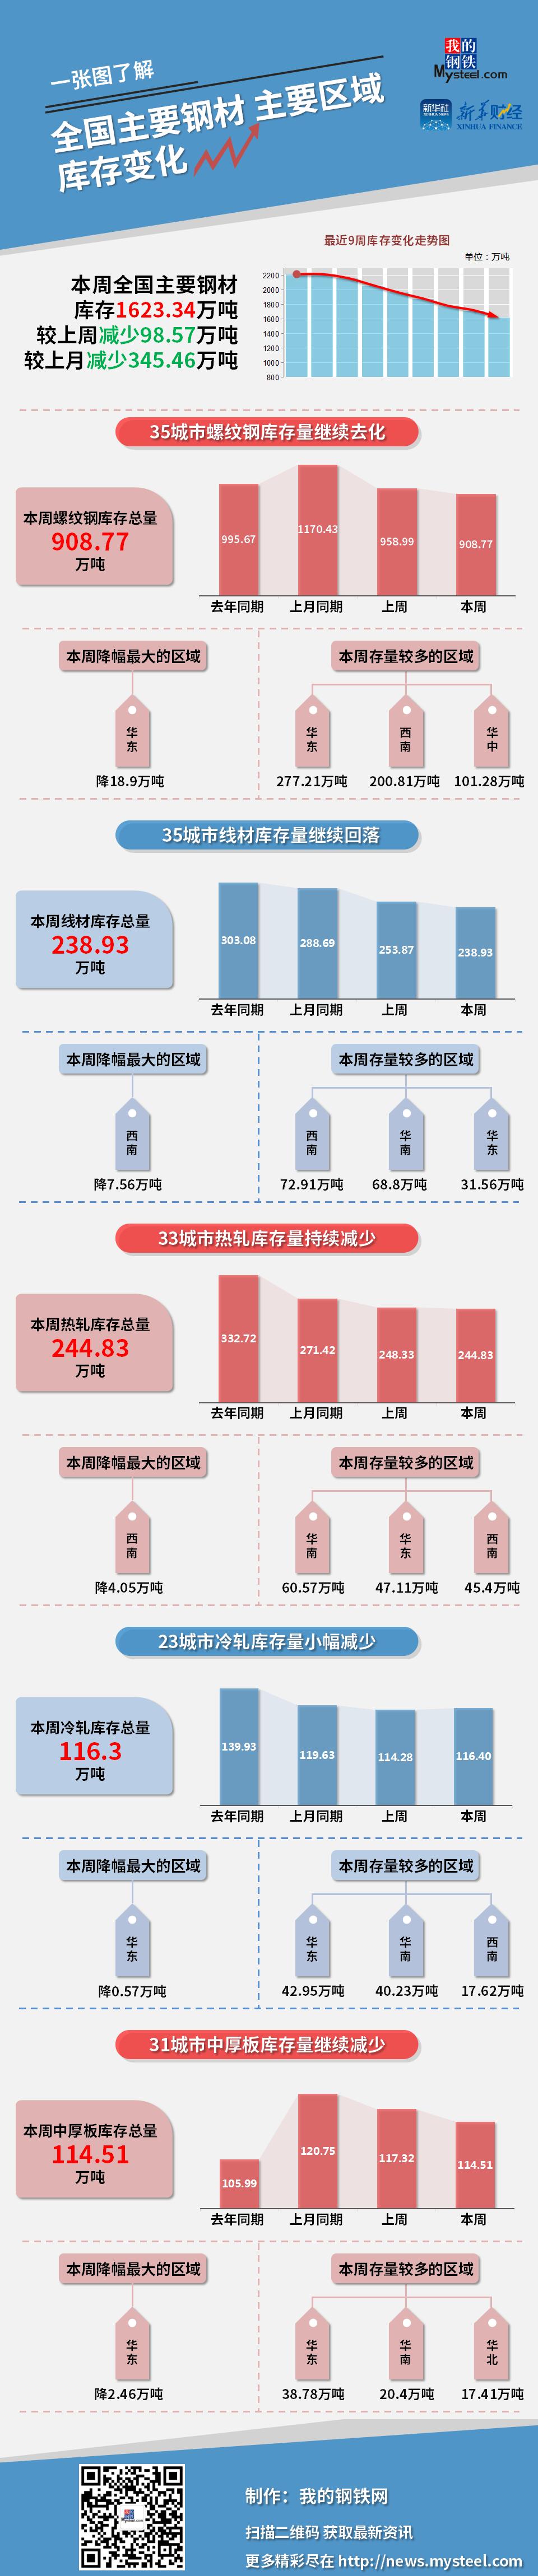 图说 | 本周钢材社会库存减少98.57万吨(4月23日—4月29日)